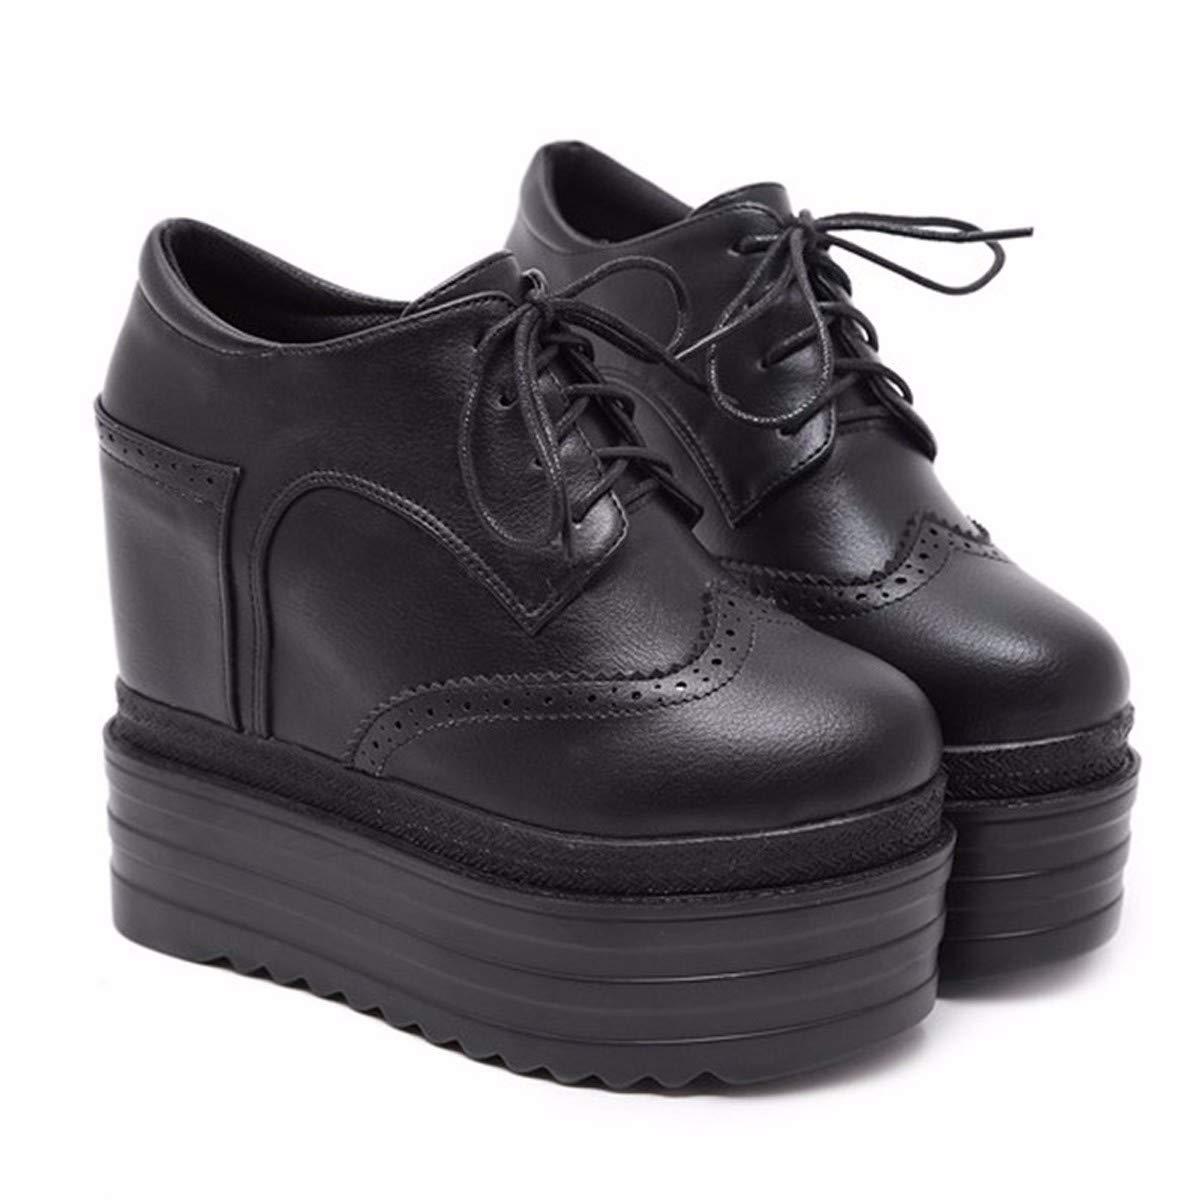 HBDLH Damenschuhe Hang - Stiefel Heel 13Cm Wasserdicht In Erhöhten Martin Stiefeln Dicken Hintern Spitzen Hochhackigen Mädchen Muffin - Stiefel